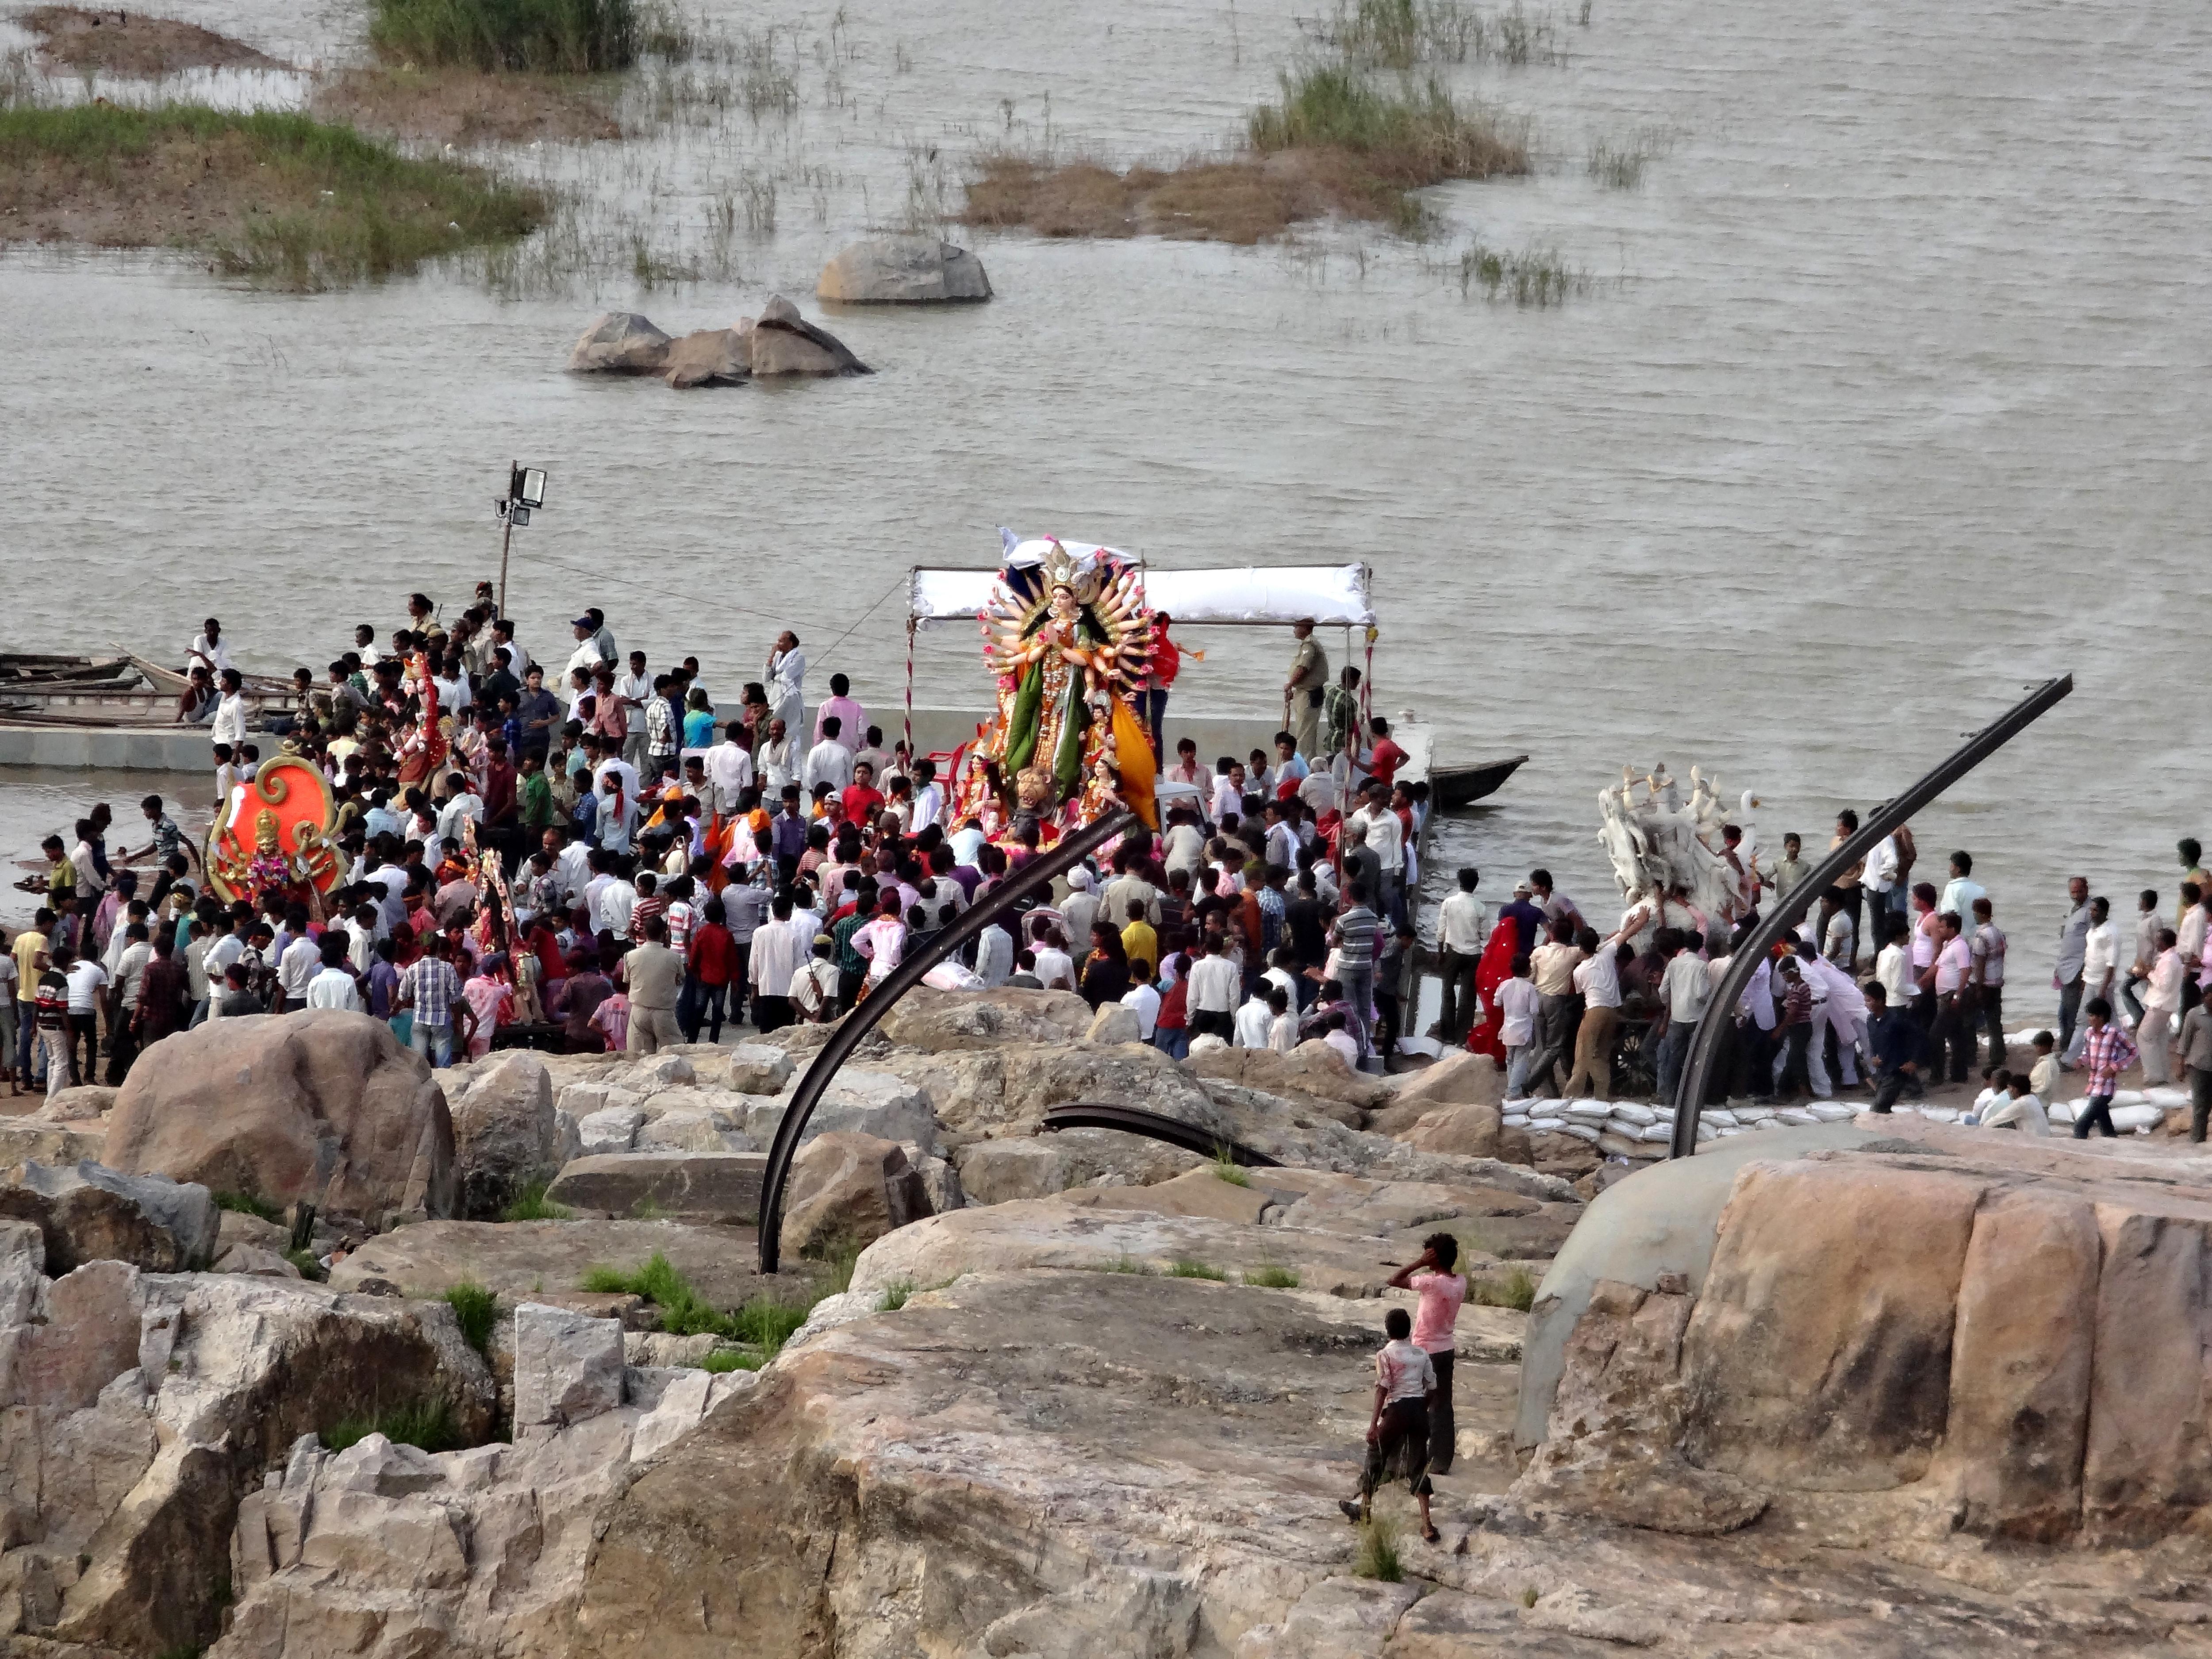 मूर्ति विसर्जन के बाद नदी को साफ करने का इलाहाबाद हाइकोर्ट का आदेश